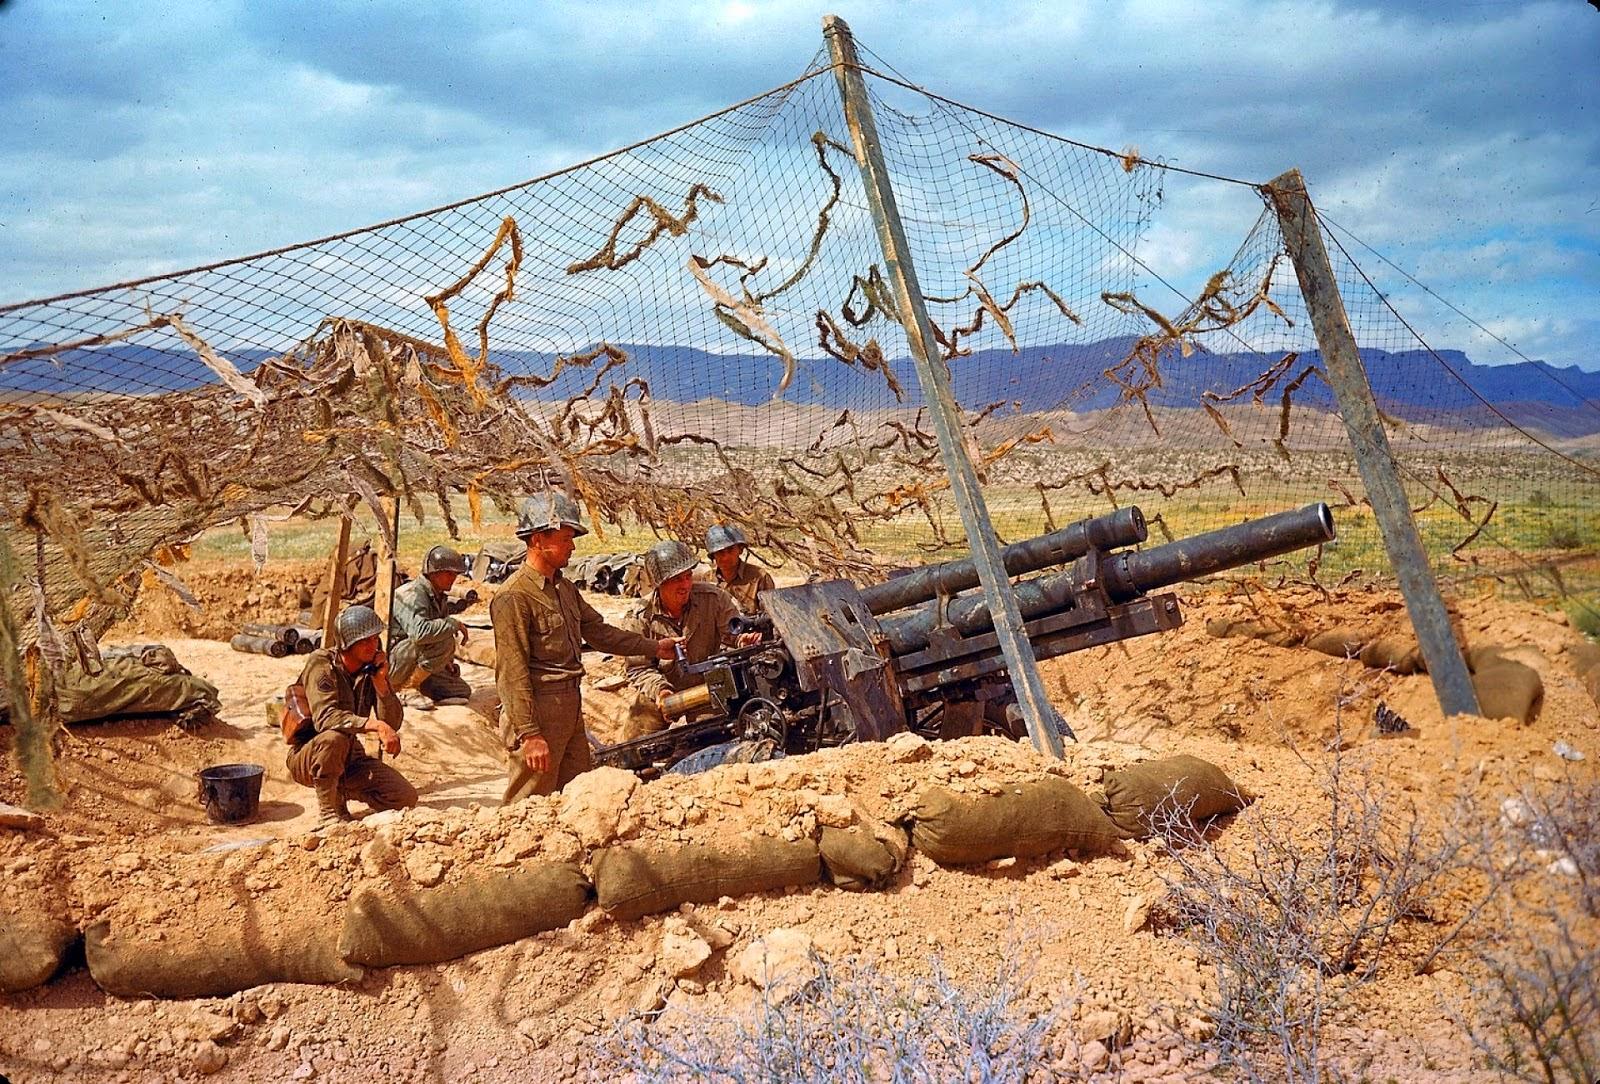 http://1.bp.blogspot.com/-yjtdkdNgEGo/VLaamYCXFgI/AAAAAAABOKo/maK8BUKHXXE/s1600/Rare+Color+Photographs+from+World+War+II+(18).jpg